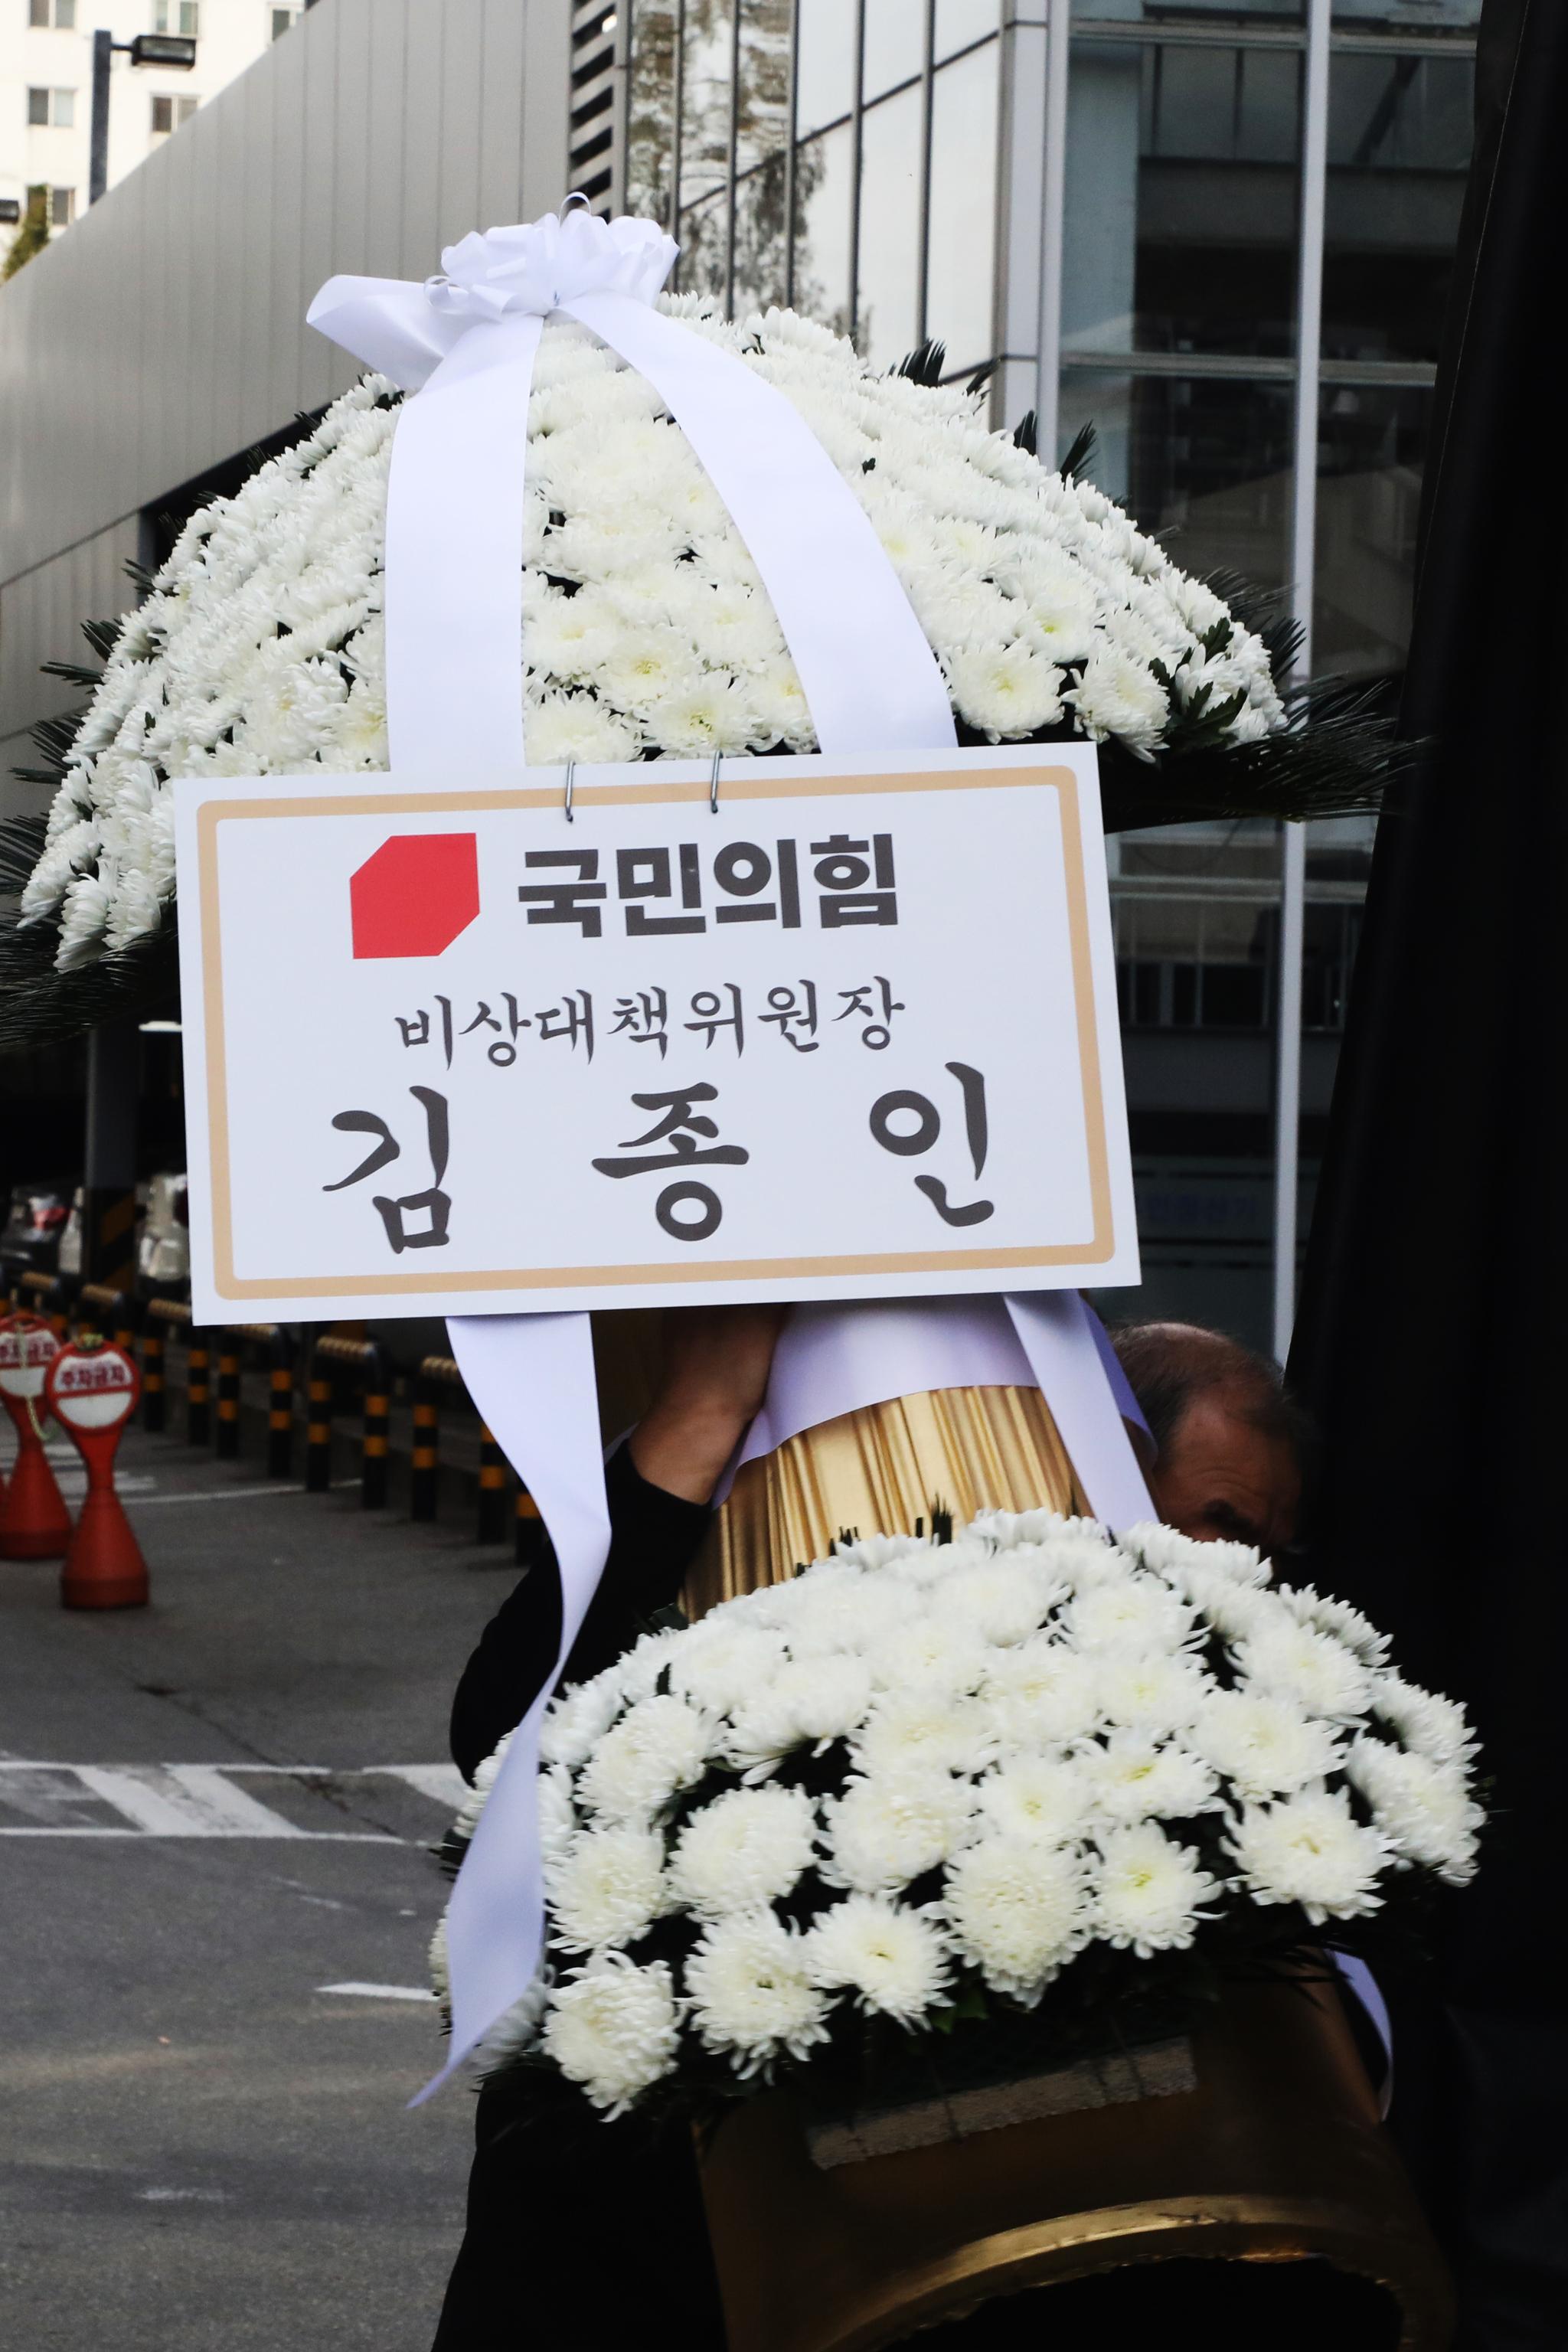 이건희 삼성그룹 회장이 별세한 25일 서울 강남구 삼성서울병원 장례식장에 김종인 국민의힘 비상대책위원장이 보낸 근조화환이 도착하고 있다. 김상선 기자